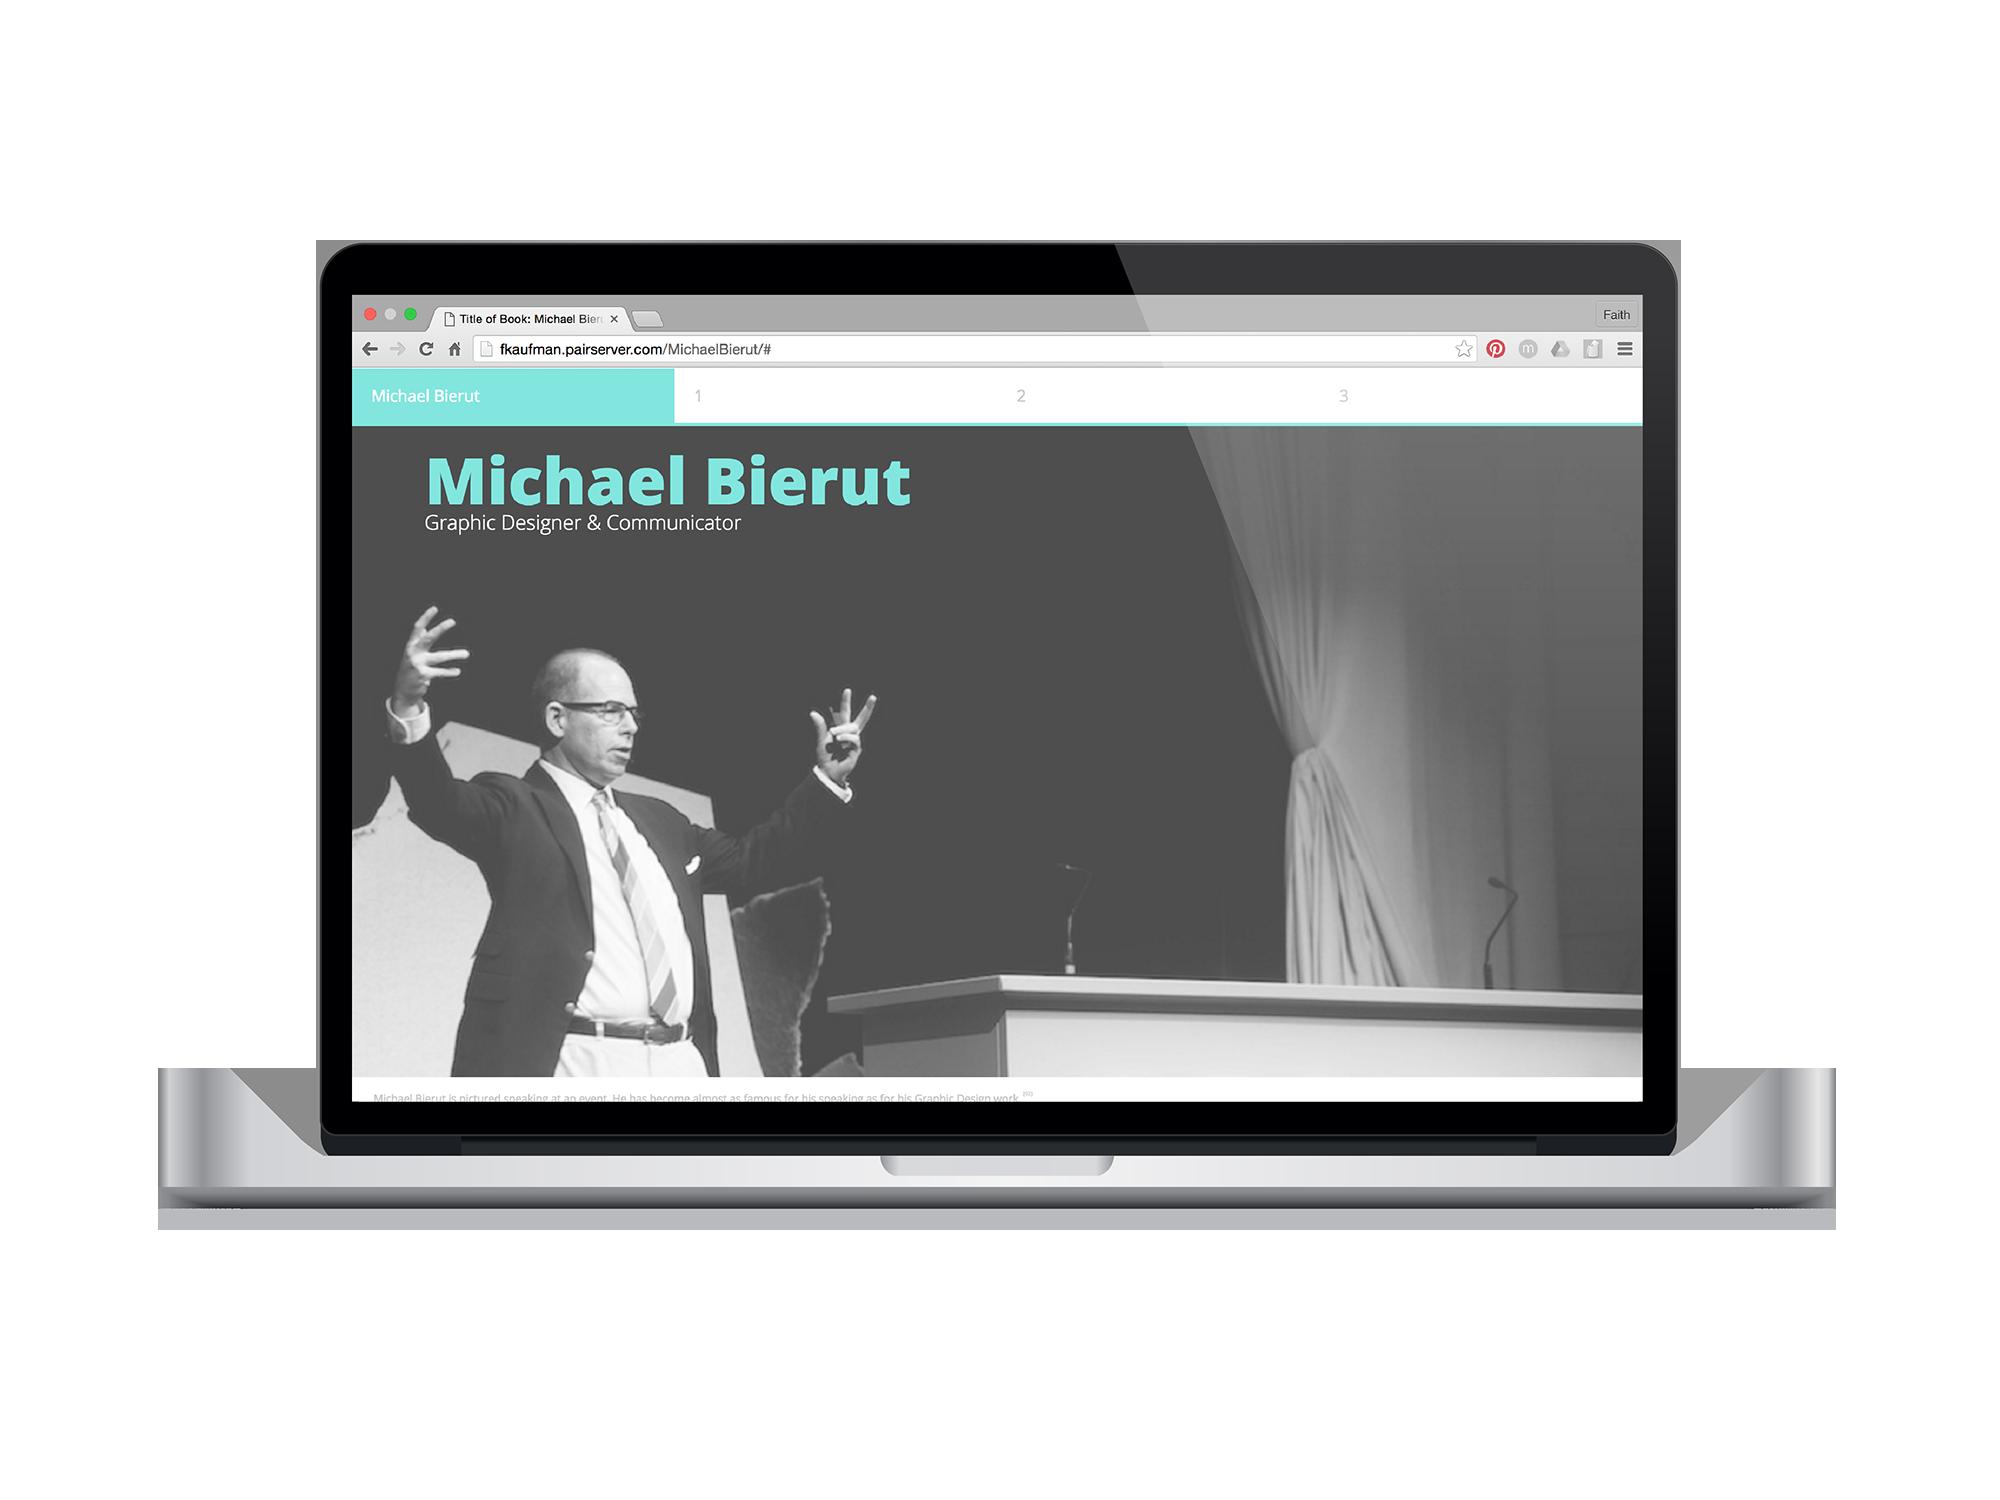 Michael Bierut Visual Visionaries Web Browser